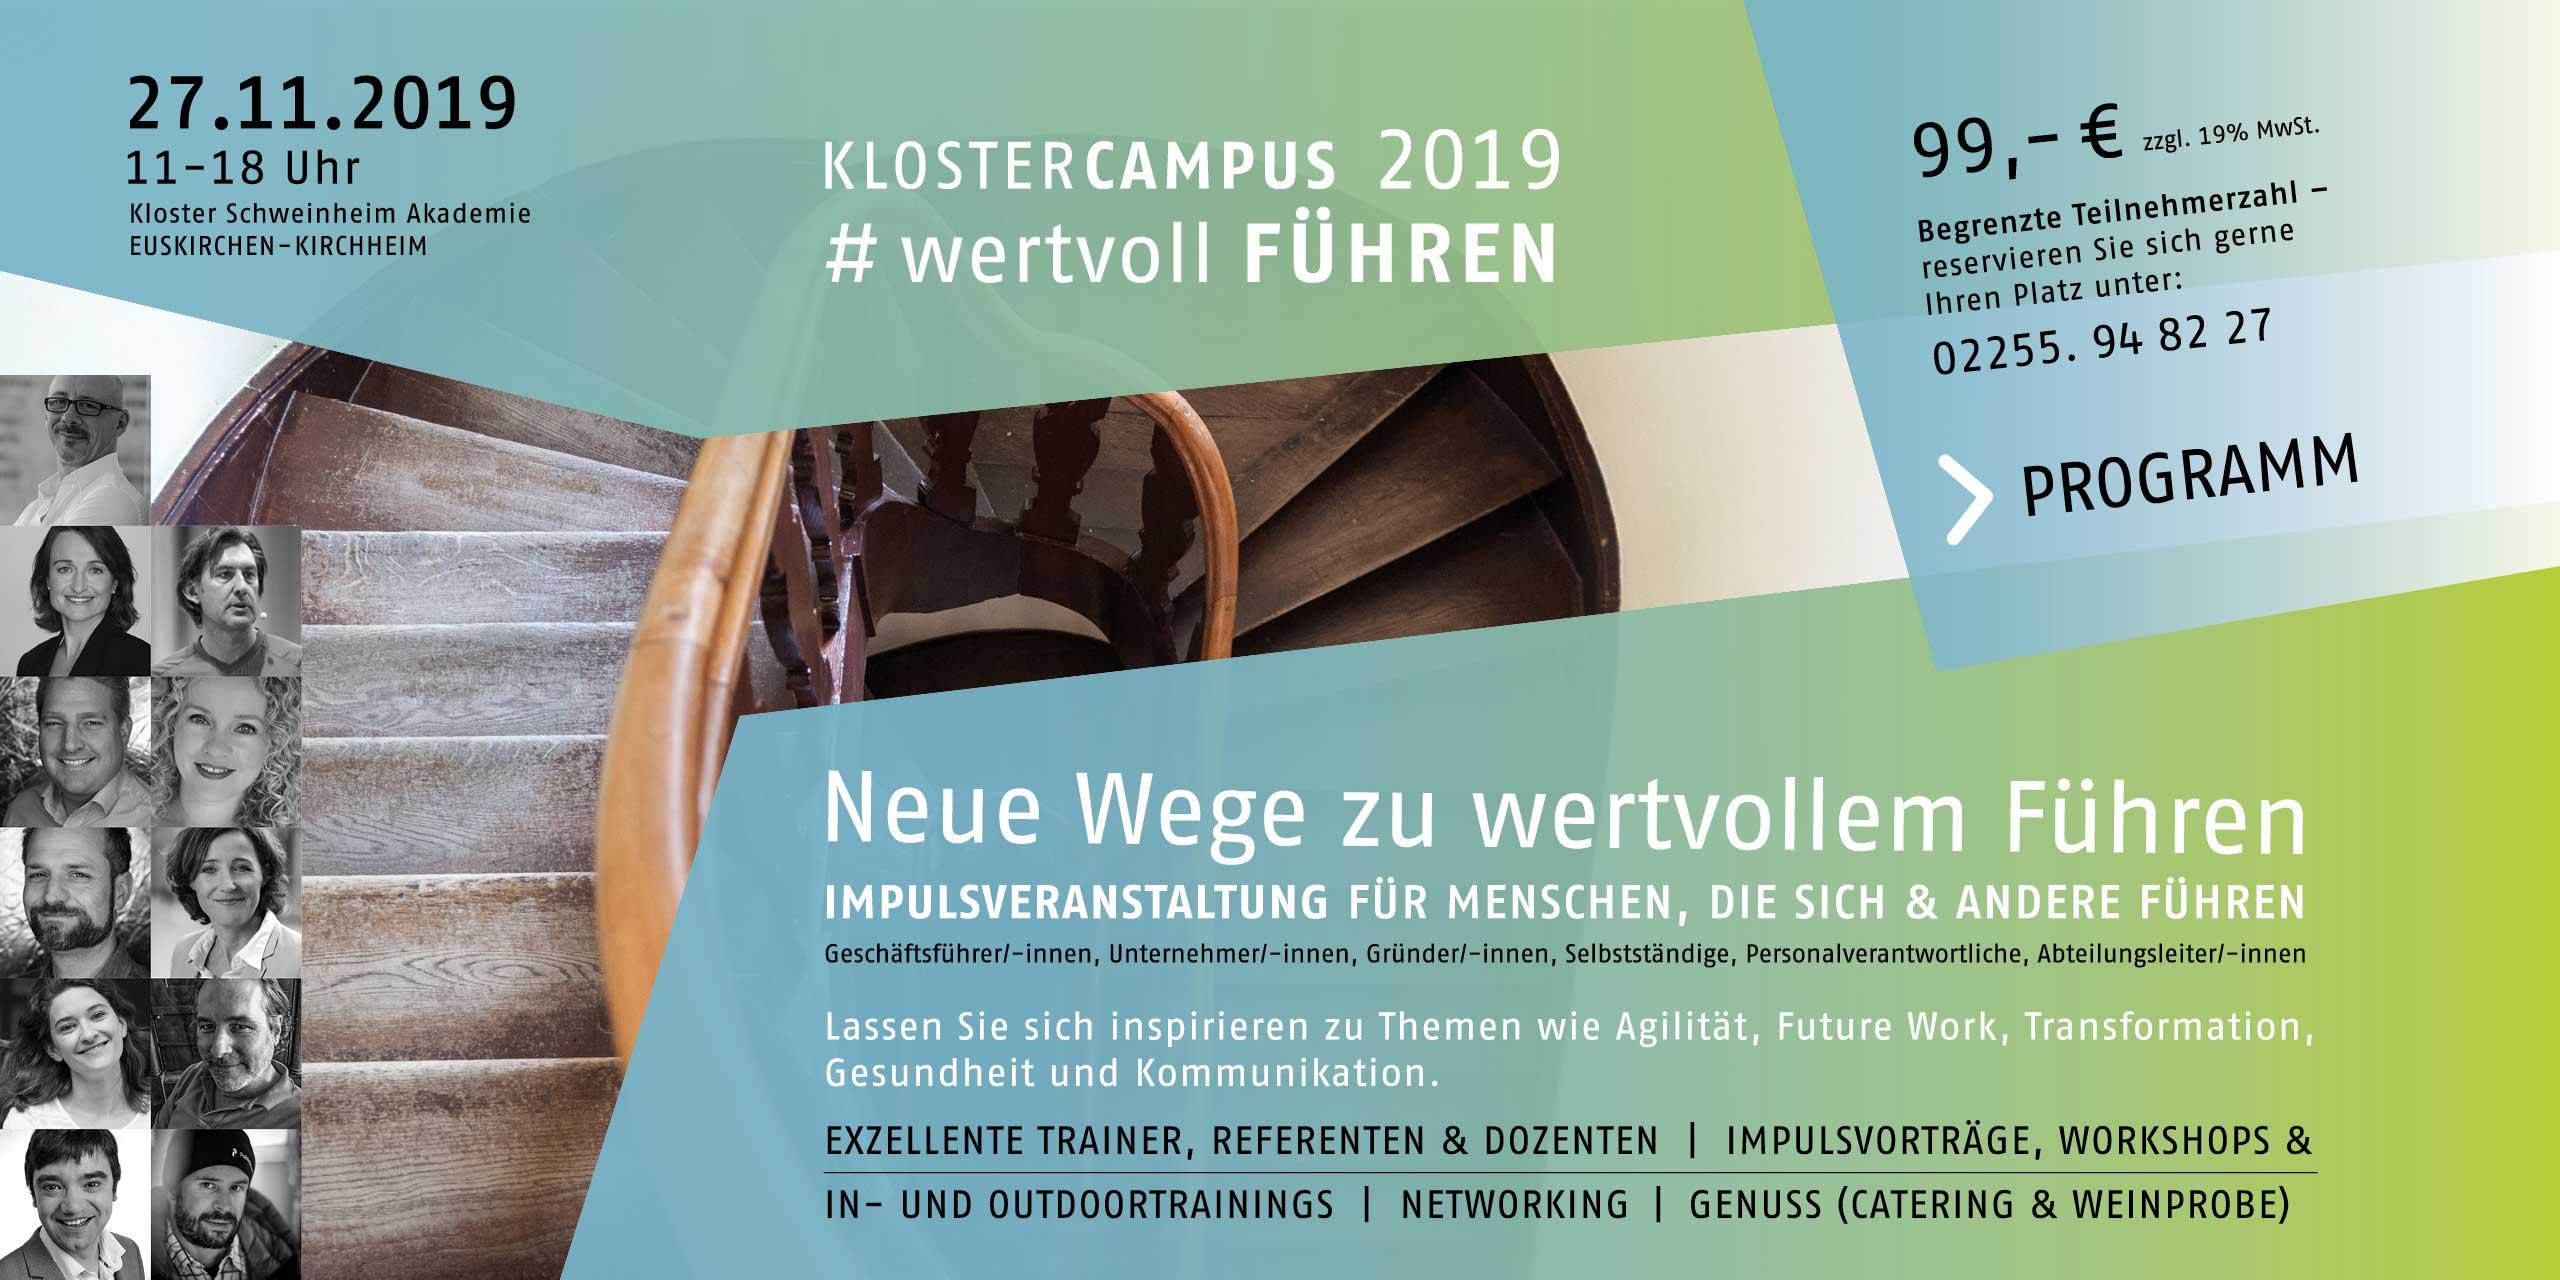 Kloster Campus 2019 - wertvoll führen